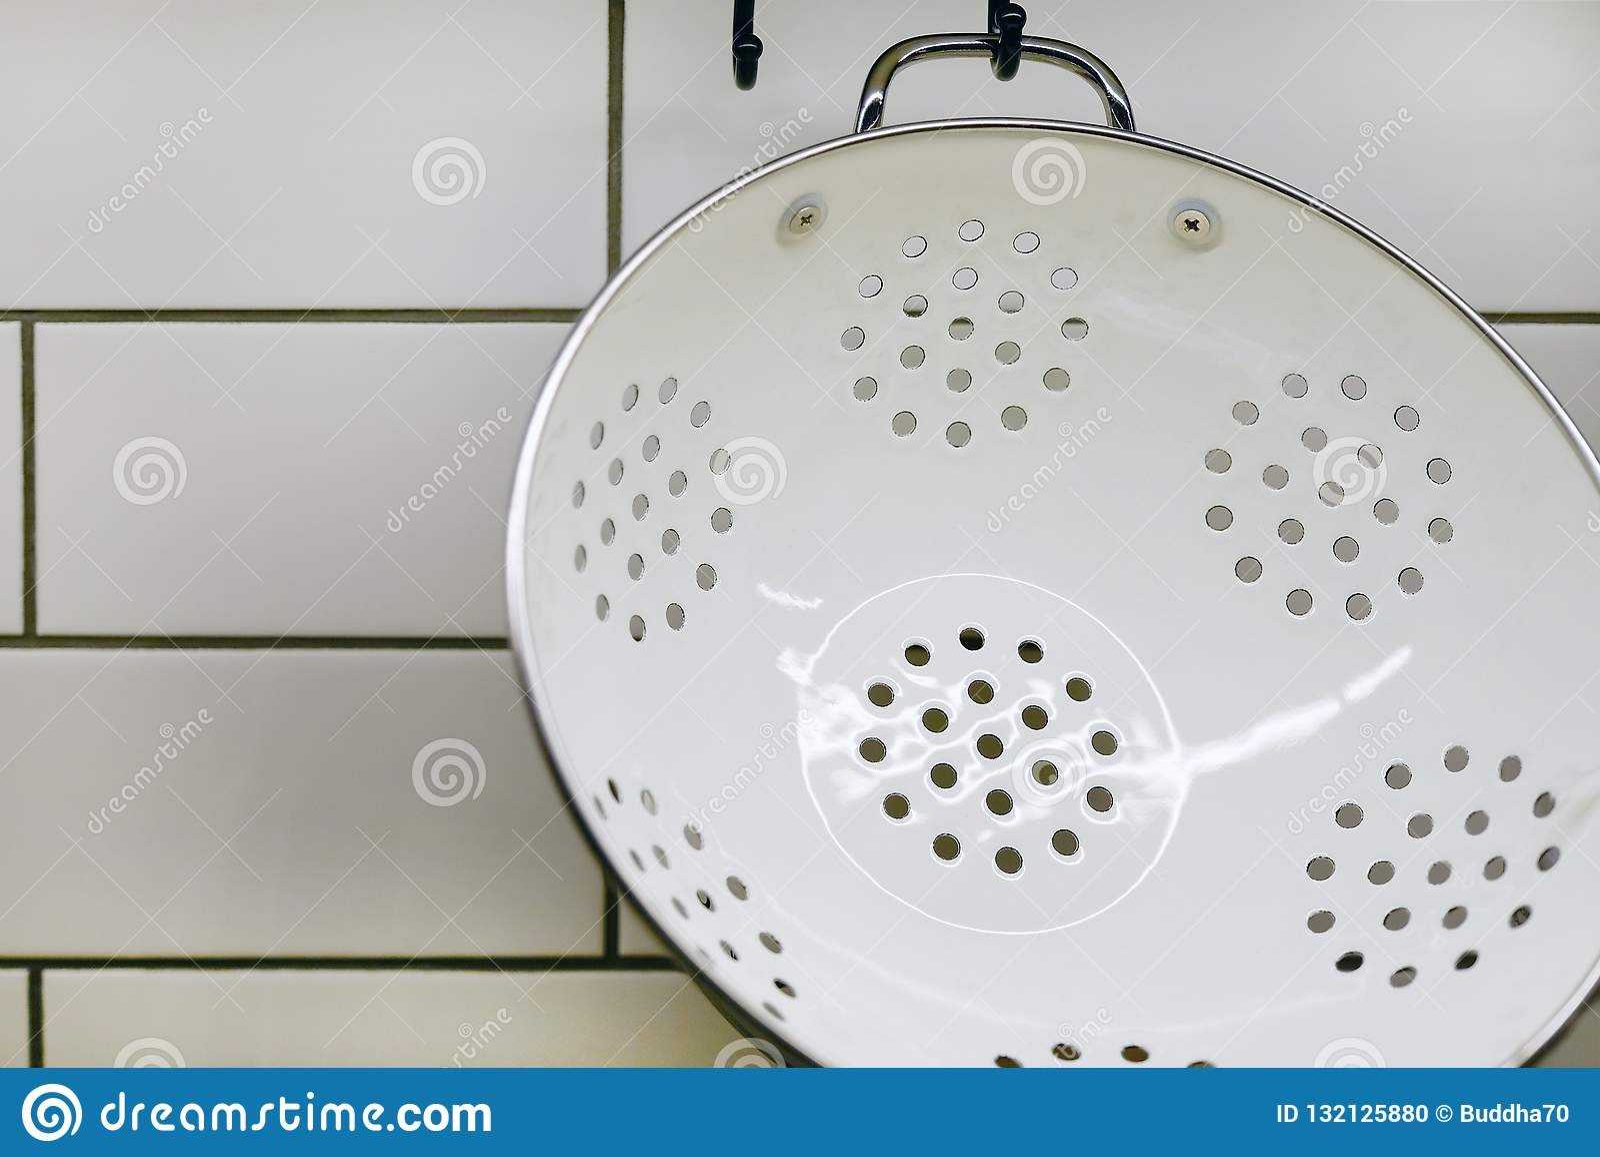 Ansicht der Küchenarbeitsplatte mit einem Schneidebrett, an die Wand einiges nützliches, Eimer und Eimer und Abstreicheisen hänge